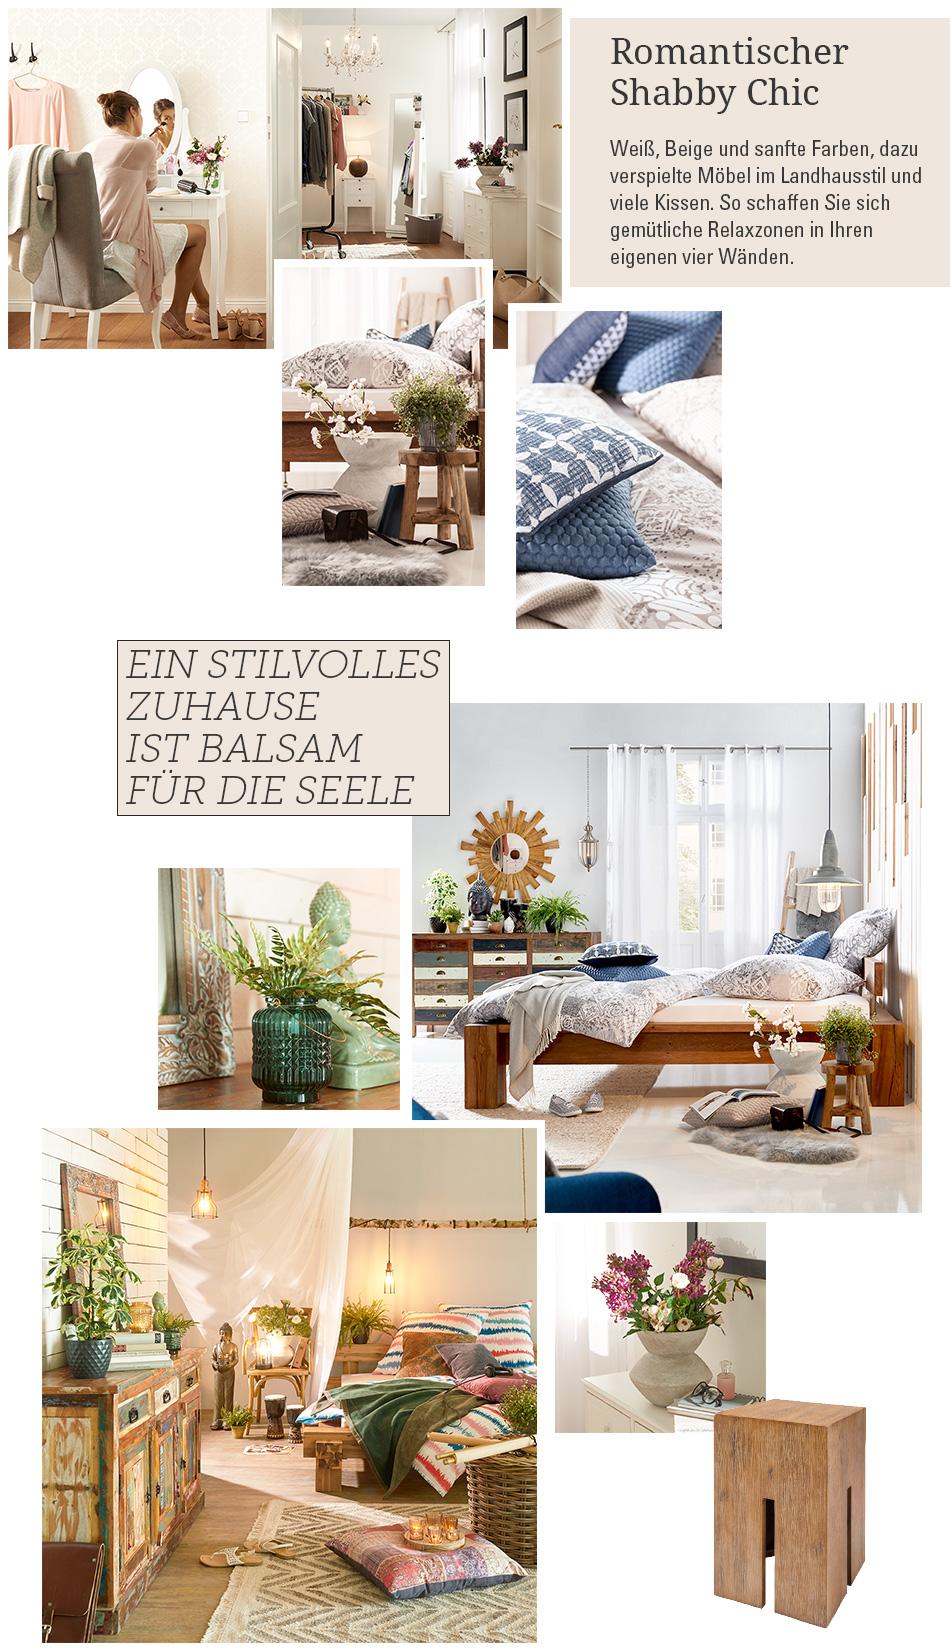 express katalog chalet charme m bel h ffner. Black Bedroom Furniture Sets. Home Design Ideas